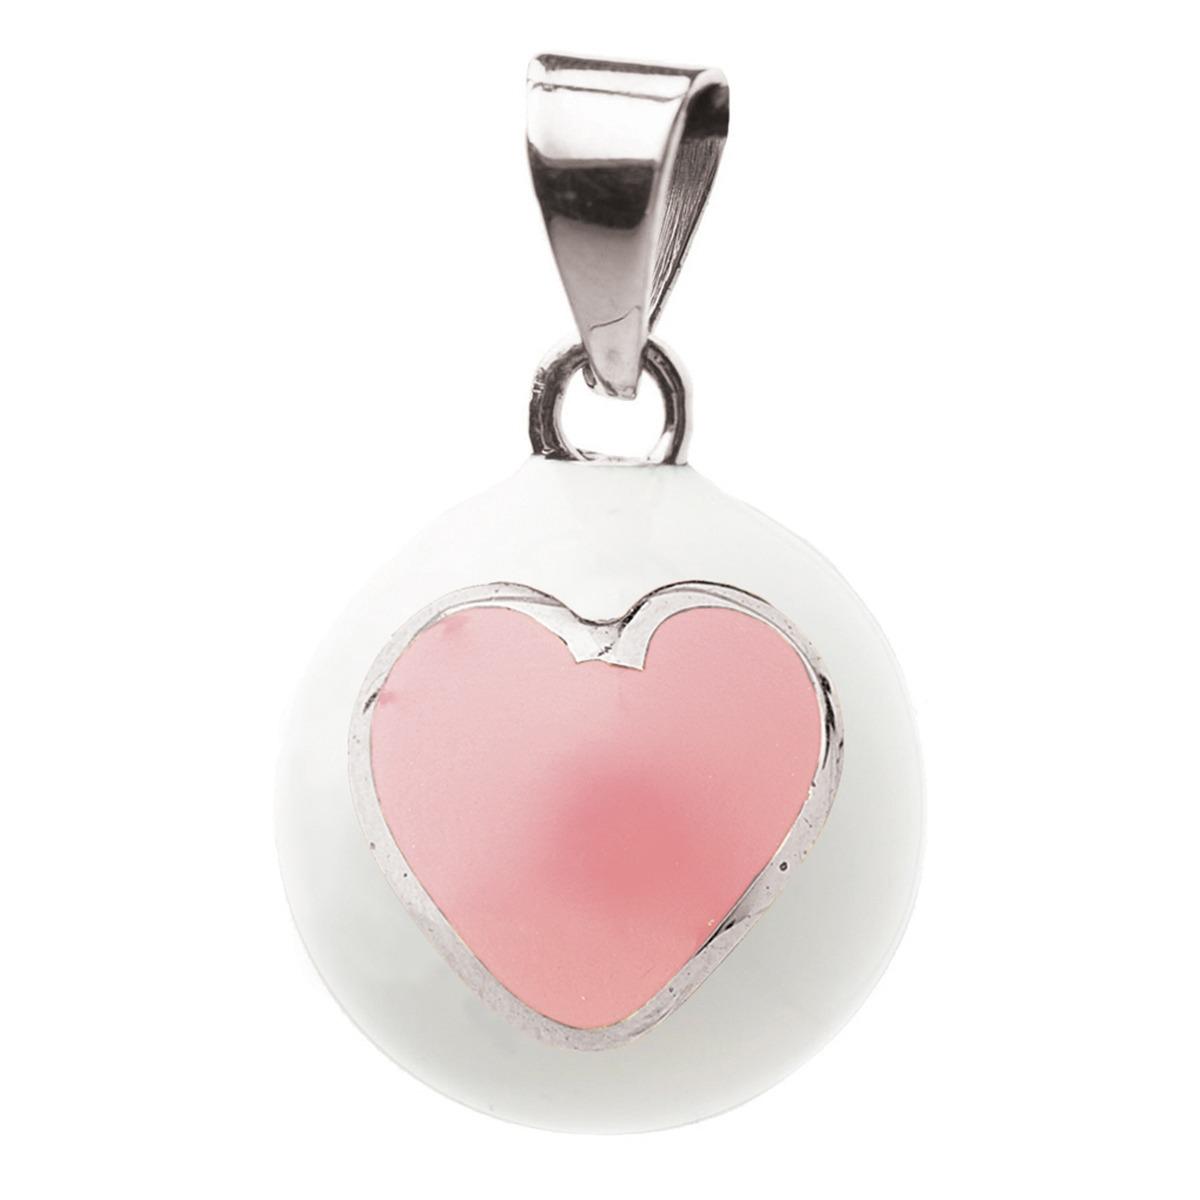 Μουσικό μενταγιόν εγκυμοσύνης Bola - Λευκό με ροζ καρδιά